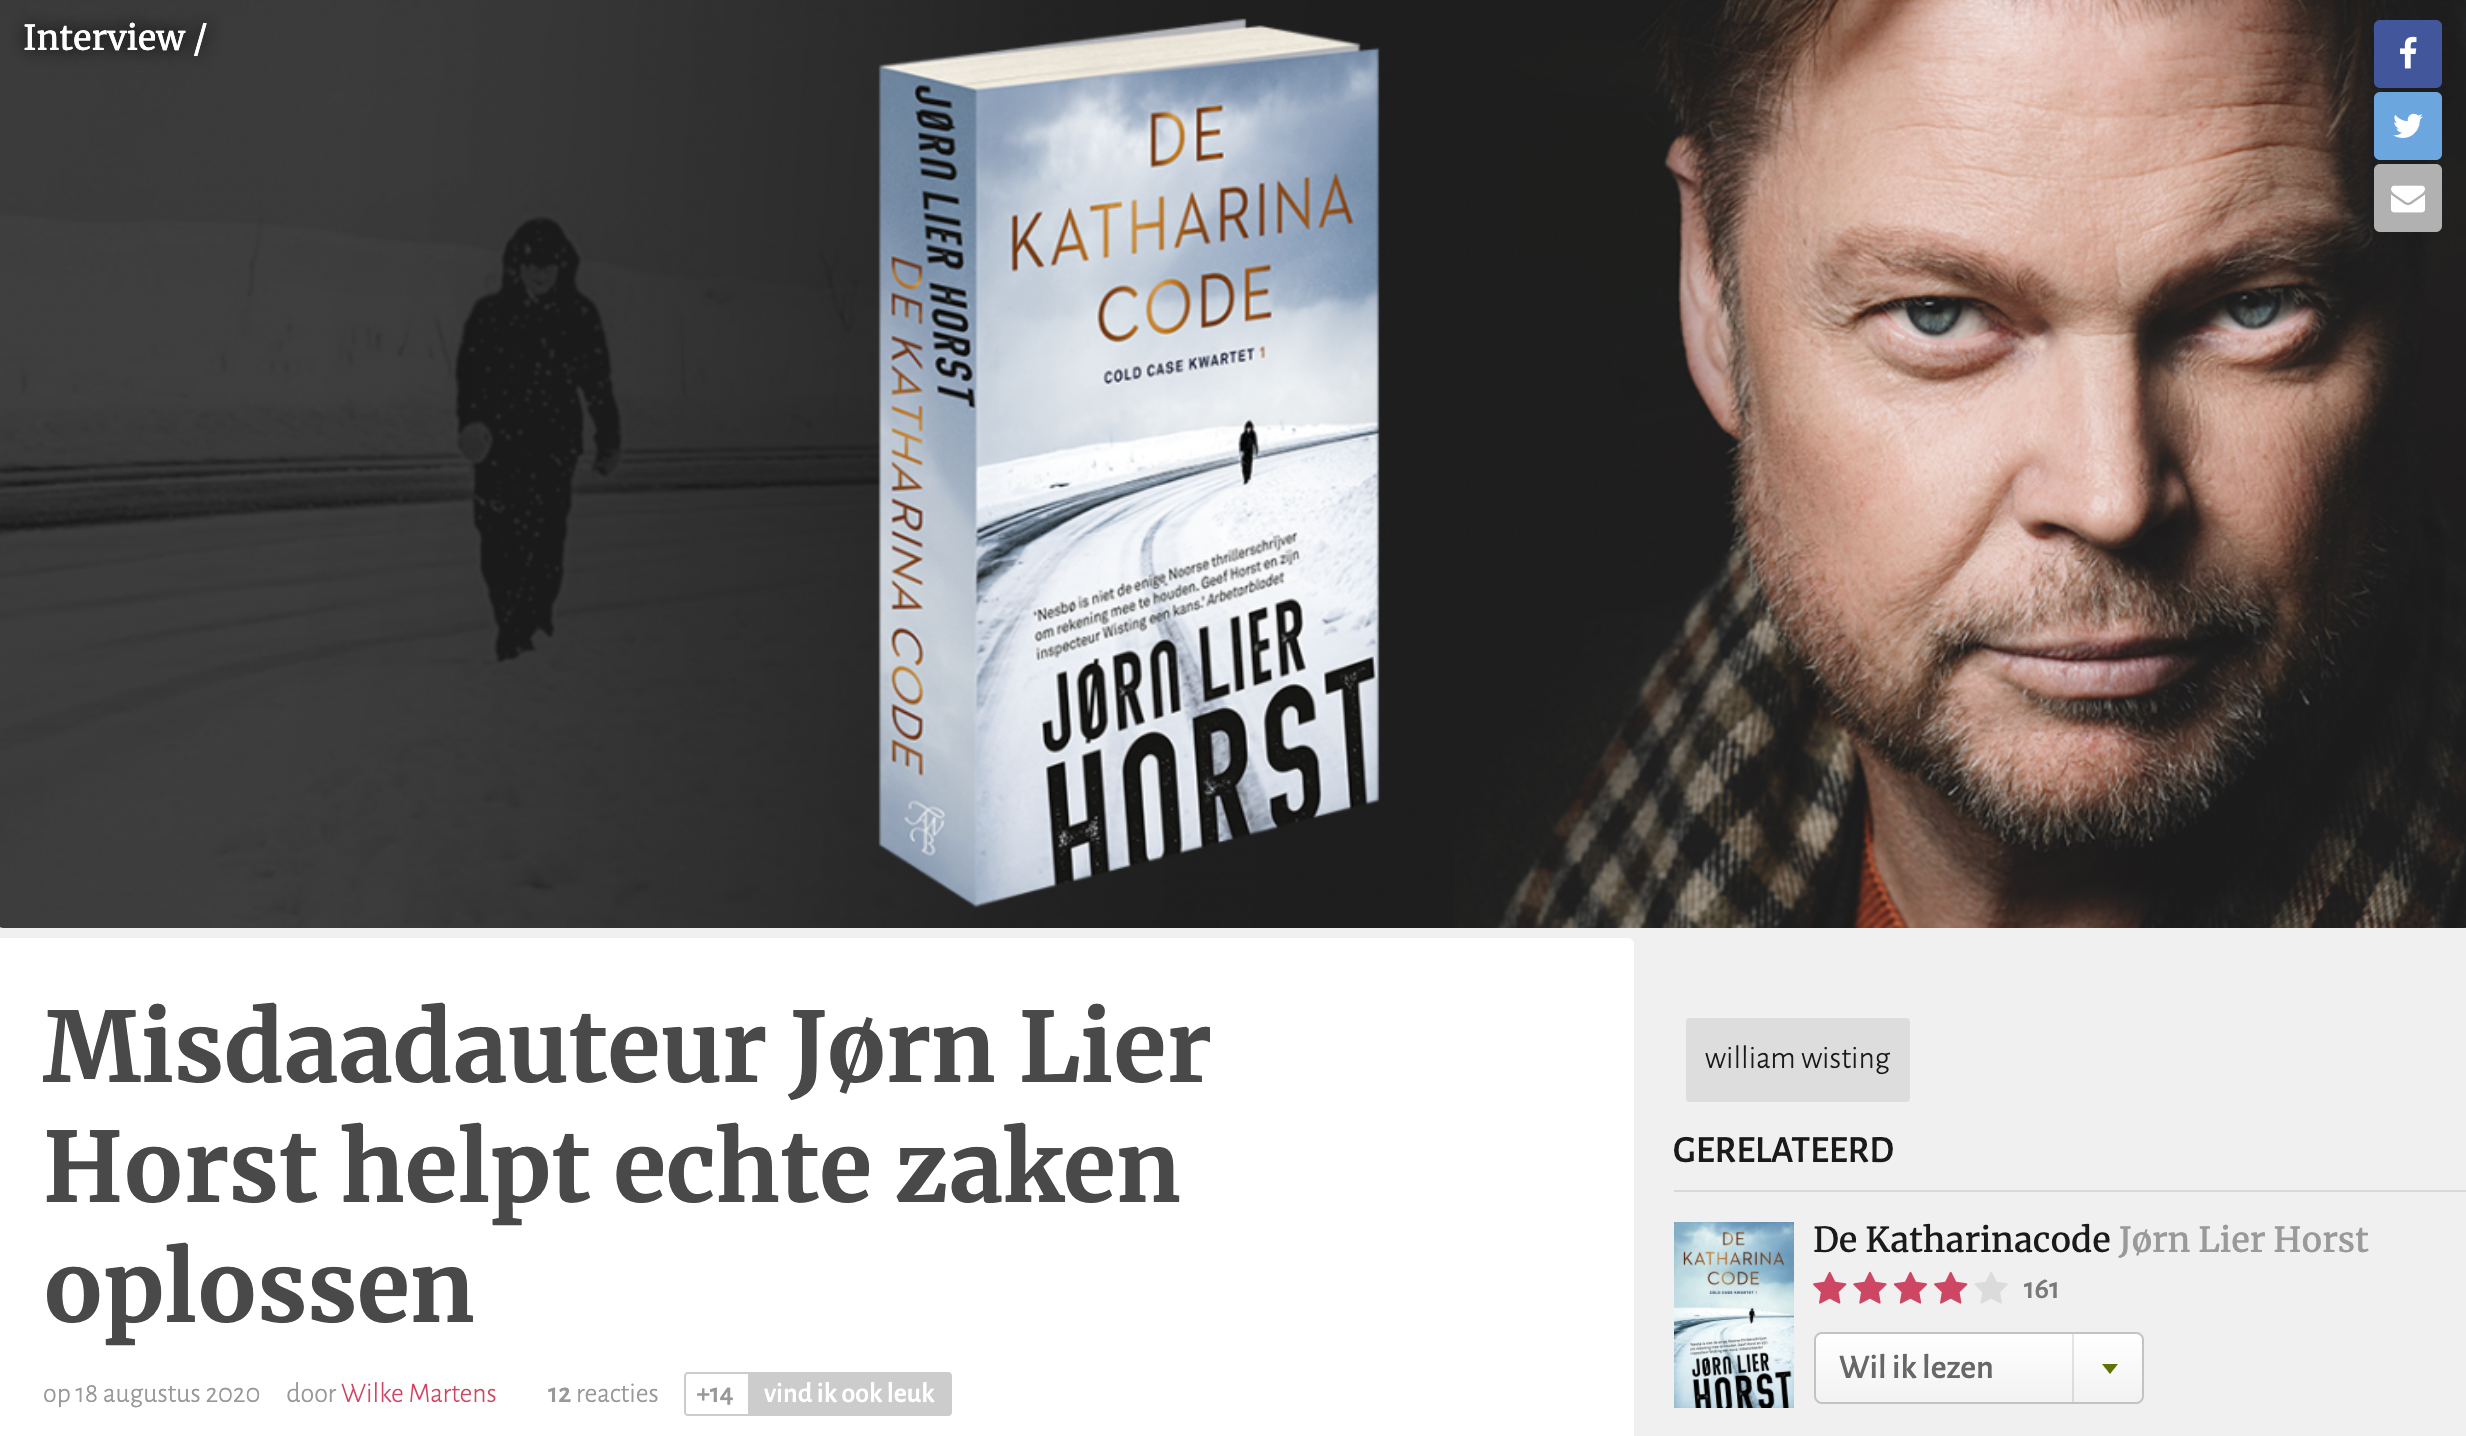 Misdaadauteur Jørn Lier Horst helpt echte zaken oplossen